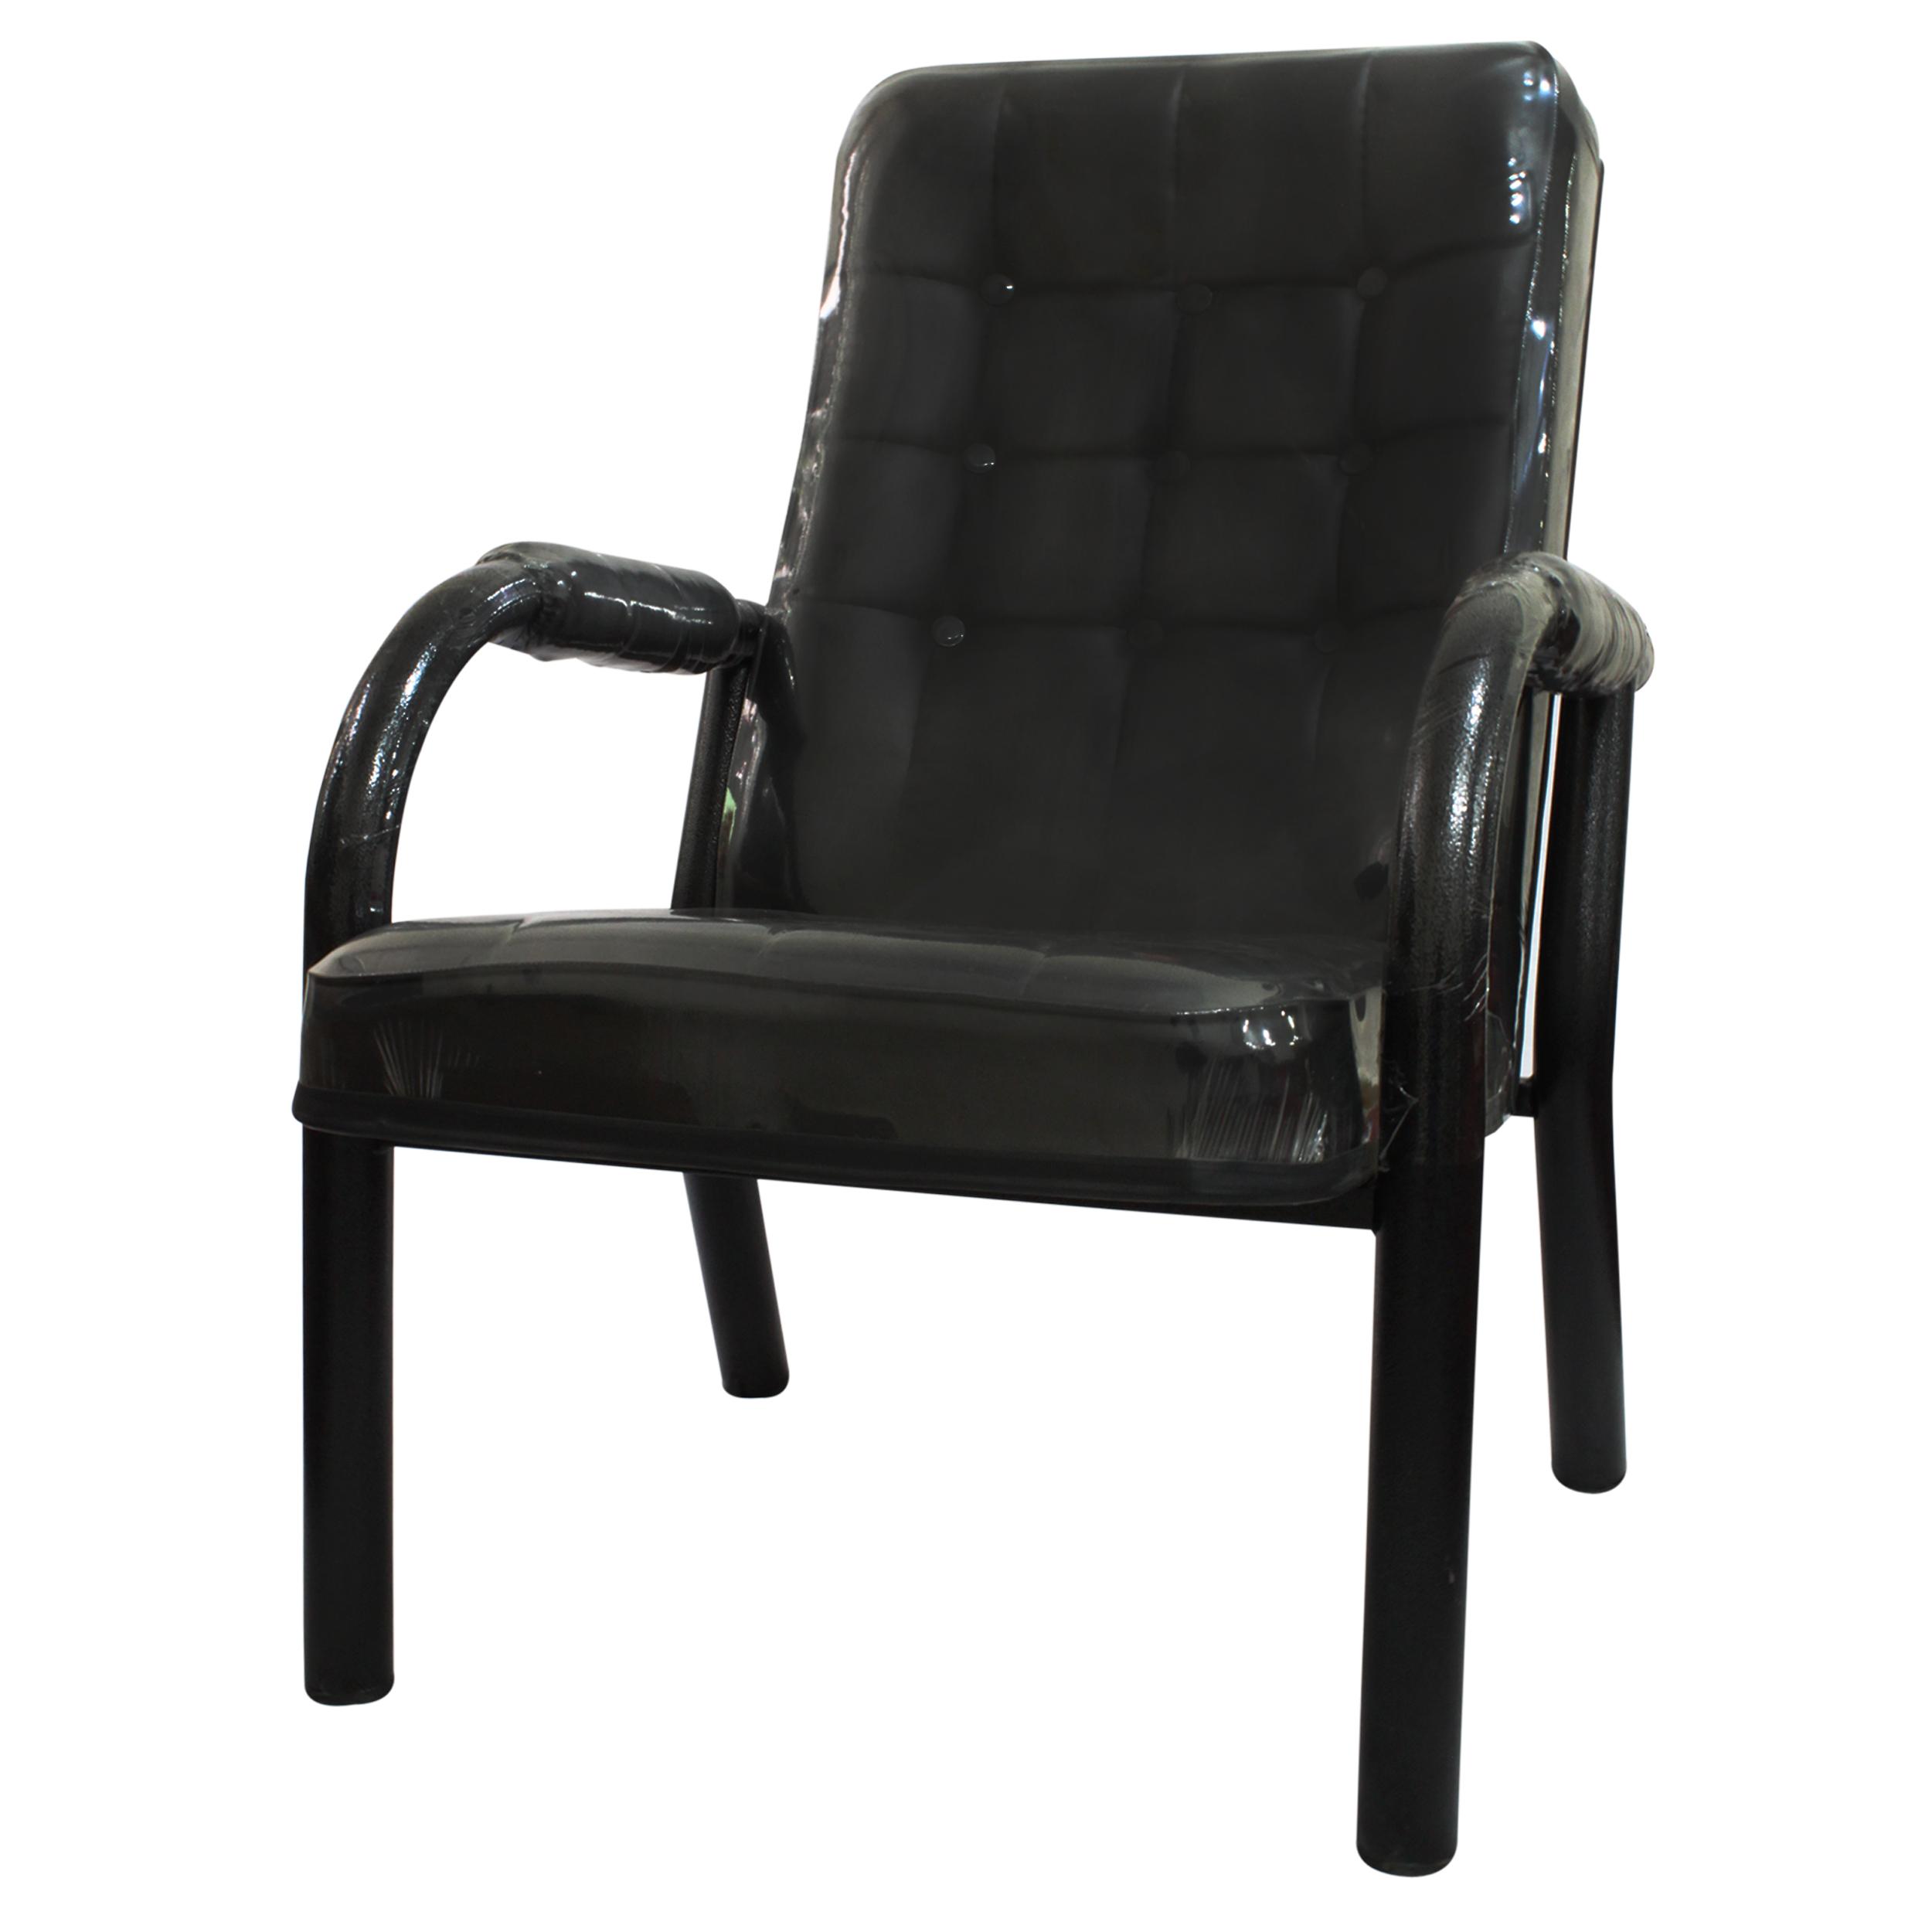 صندلی انتظار مدل ZX99 کد 099